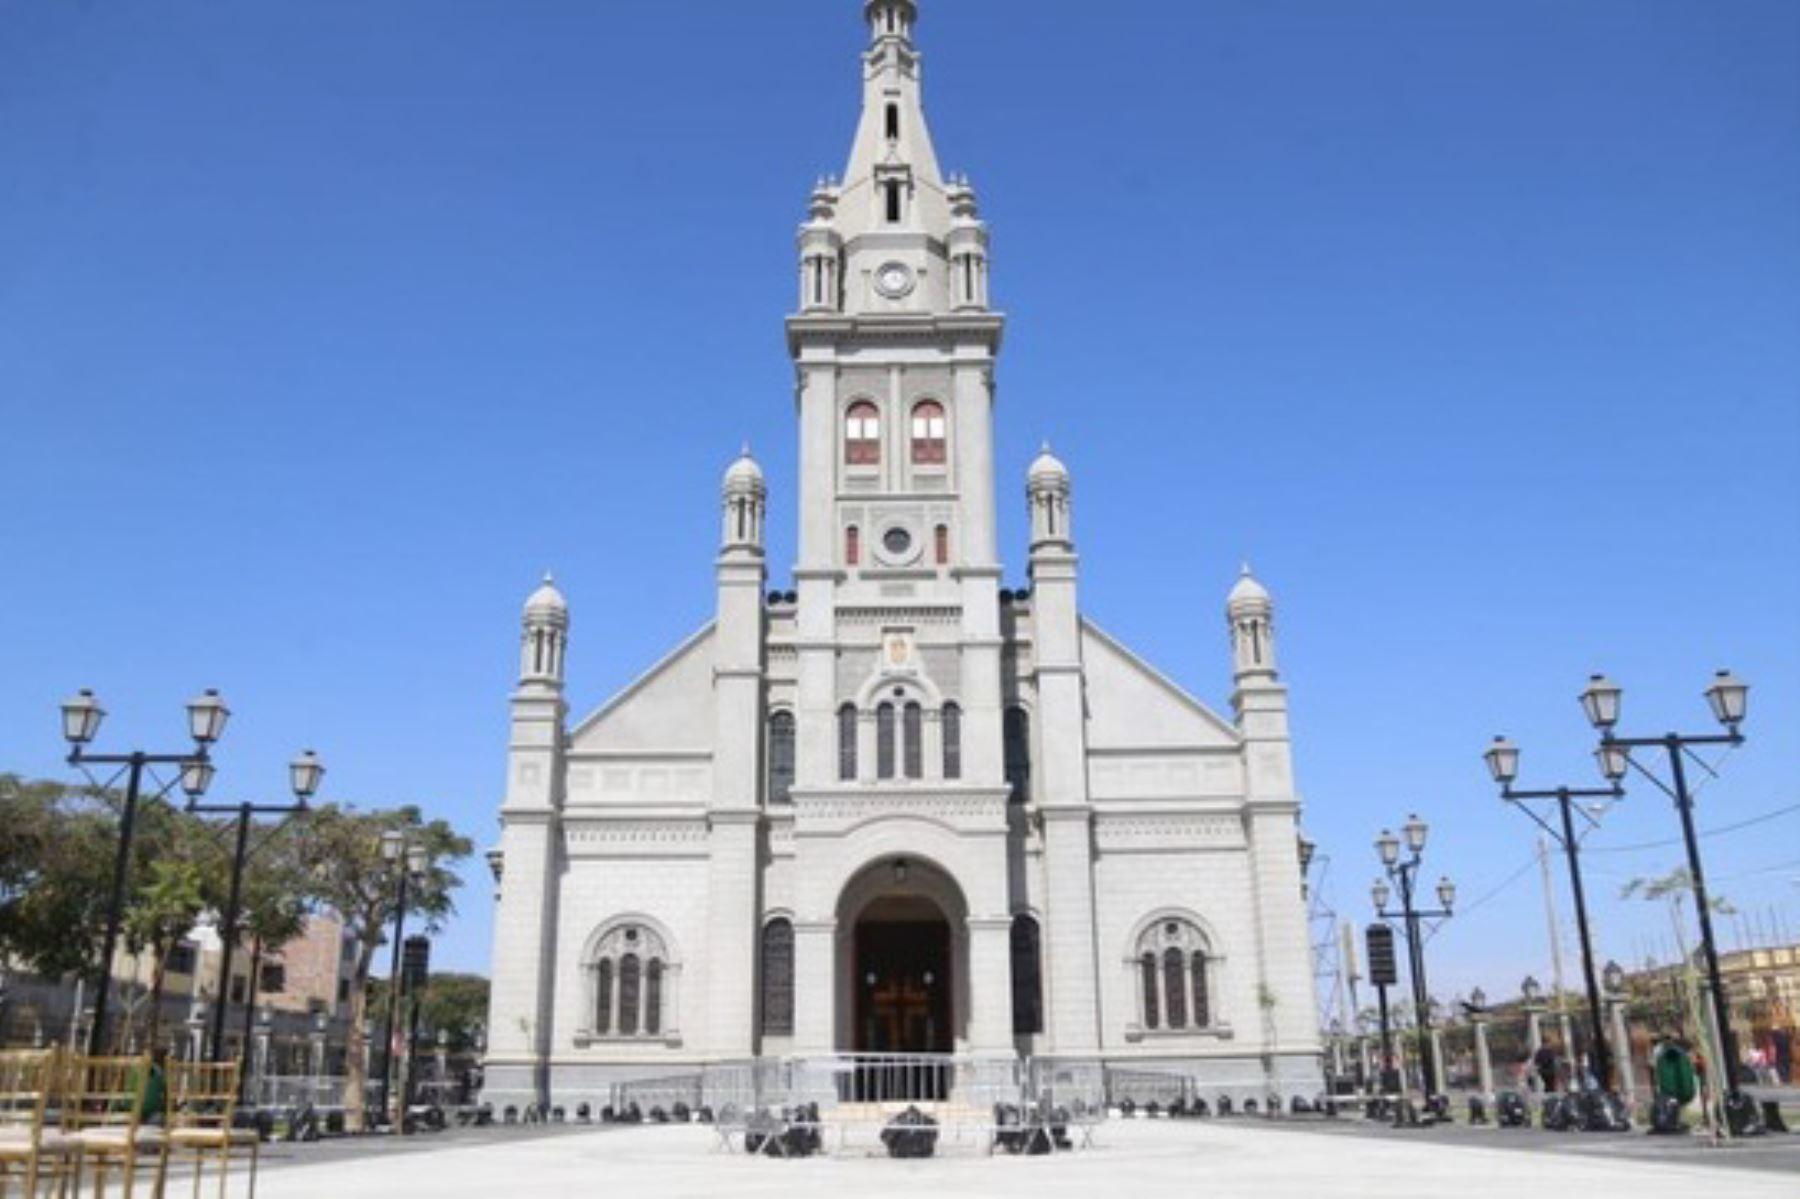 El Templo del Señor de Luren de Ica es parte integrante del ambiente urbano monumental (arquerías, plaza y templo).